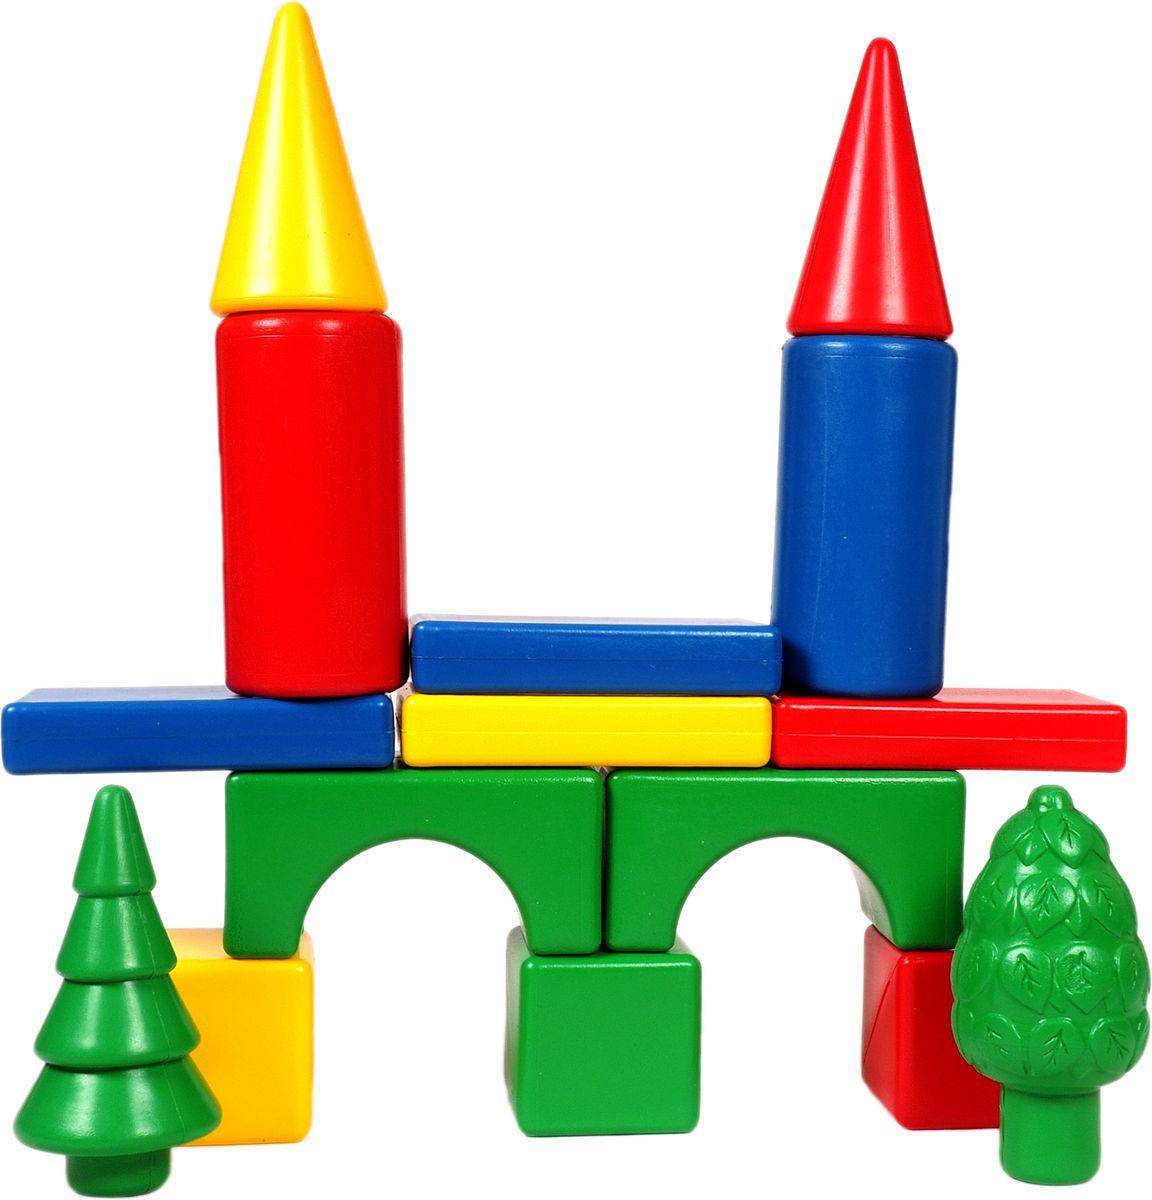 Волшебный городок Конструктор ВГ15ВГ15Наши кубики сделаны из безвредного материала, и вашему малышу ни как не повредят. Ими могут играть самые маленькие детки. Малыш играя такими кубиками обучается различать цвета и формы предмета. Игры с такими кубиками развивают мышление, внимание и фантазию вашего ребенка. УВАЖАЕМЫЕ КЛИЕНТЫ! Товар поставляется в цветовом ассортименте. Поставка осуществляется в зависимости от наличия на складе.